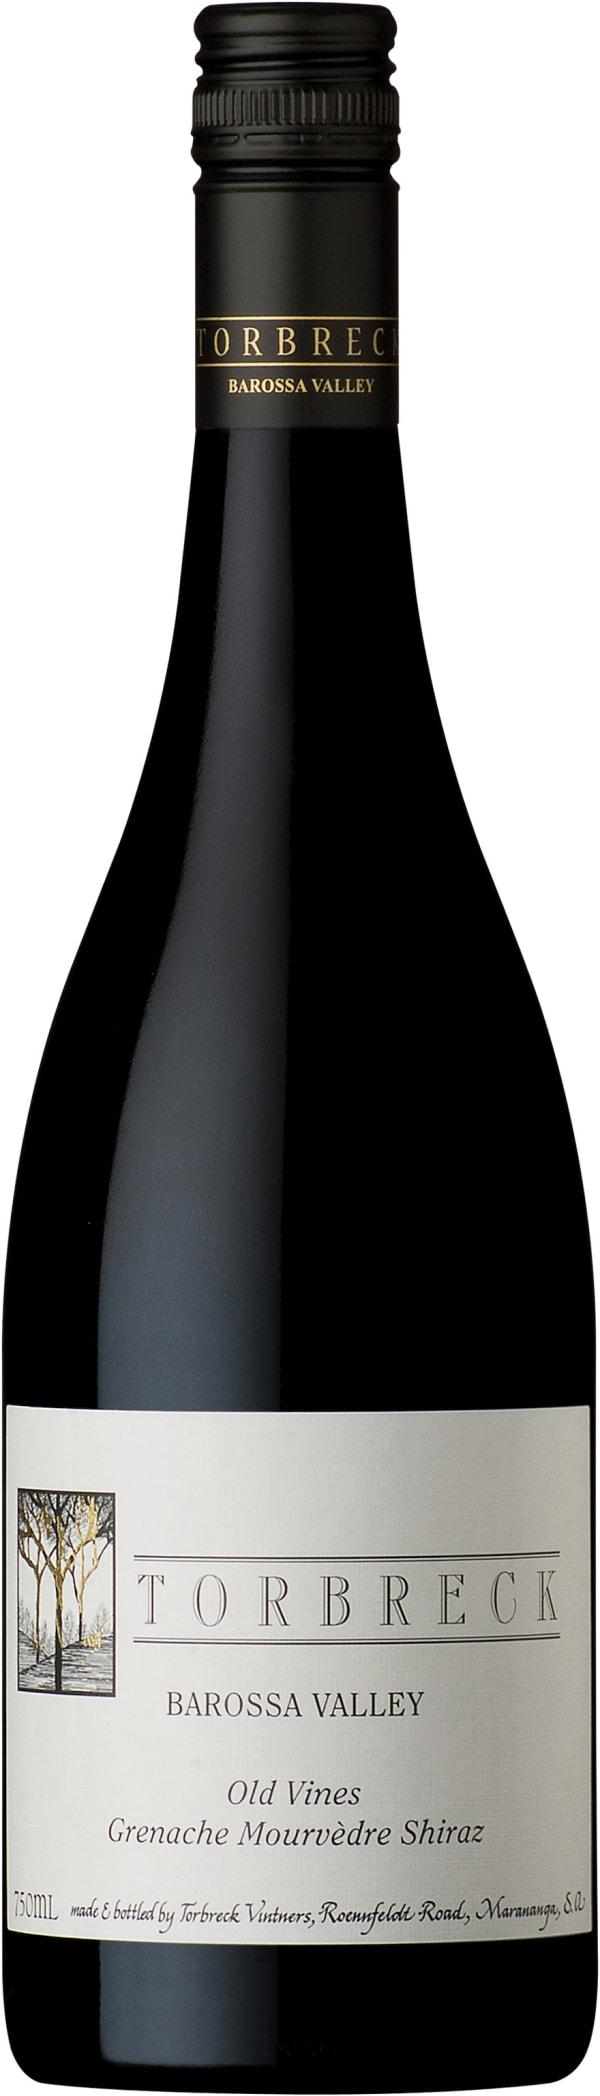 Torbreck Old Vines GSM 2014